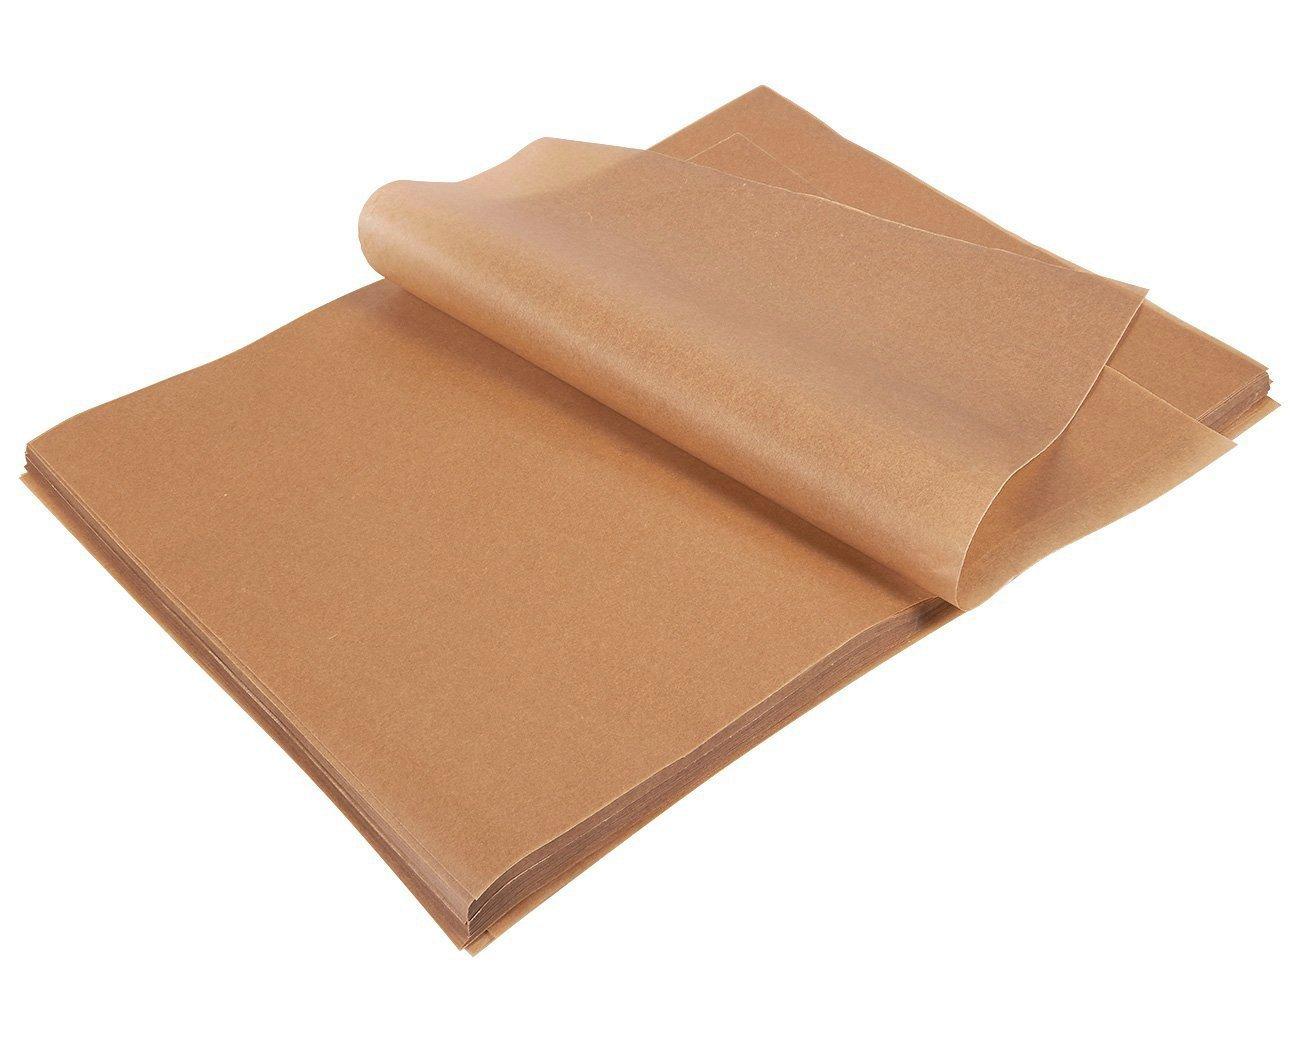 Parchment paper sheets 200-count precut unbleached parchment paper for baking